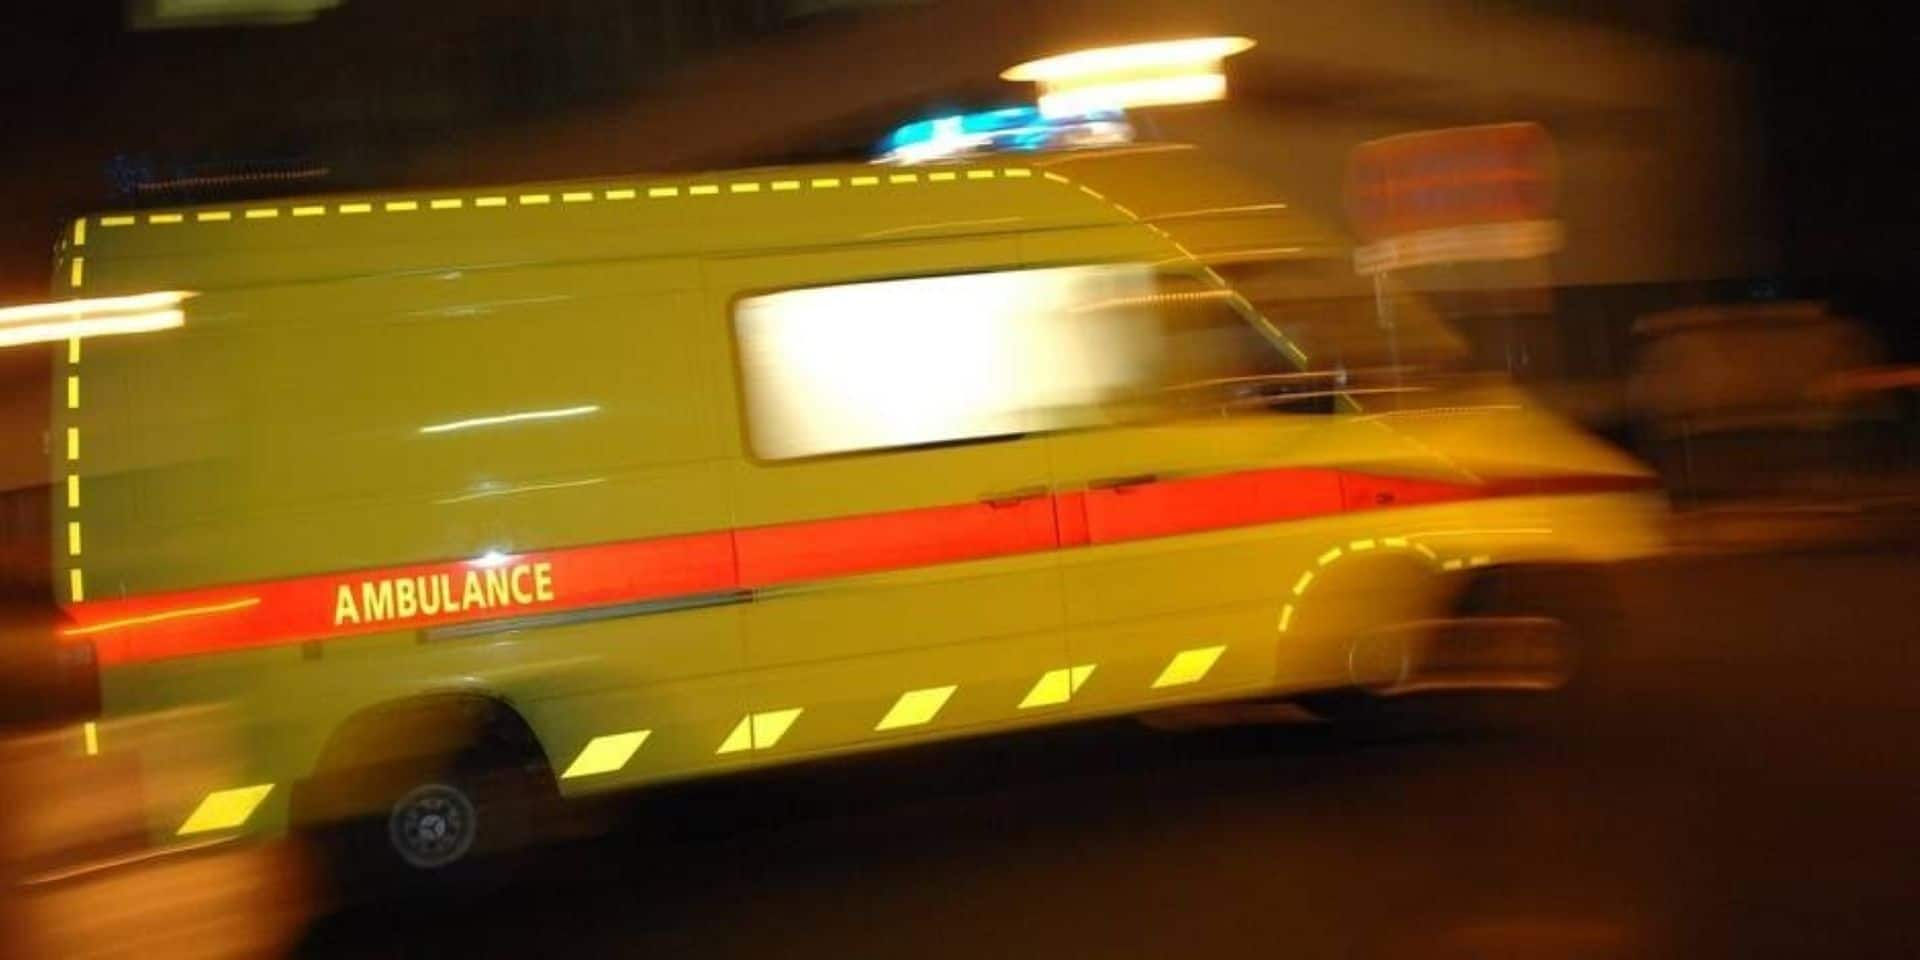 Accident sur la N 4 à hauteur de Fauvillers : un blessé léger